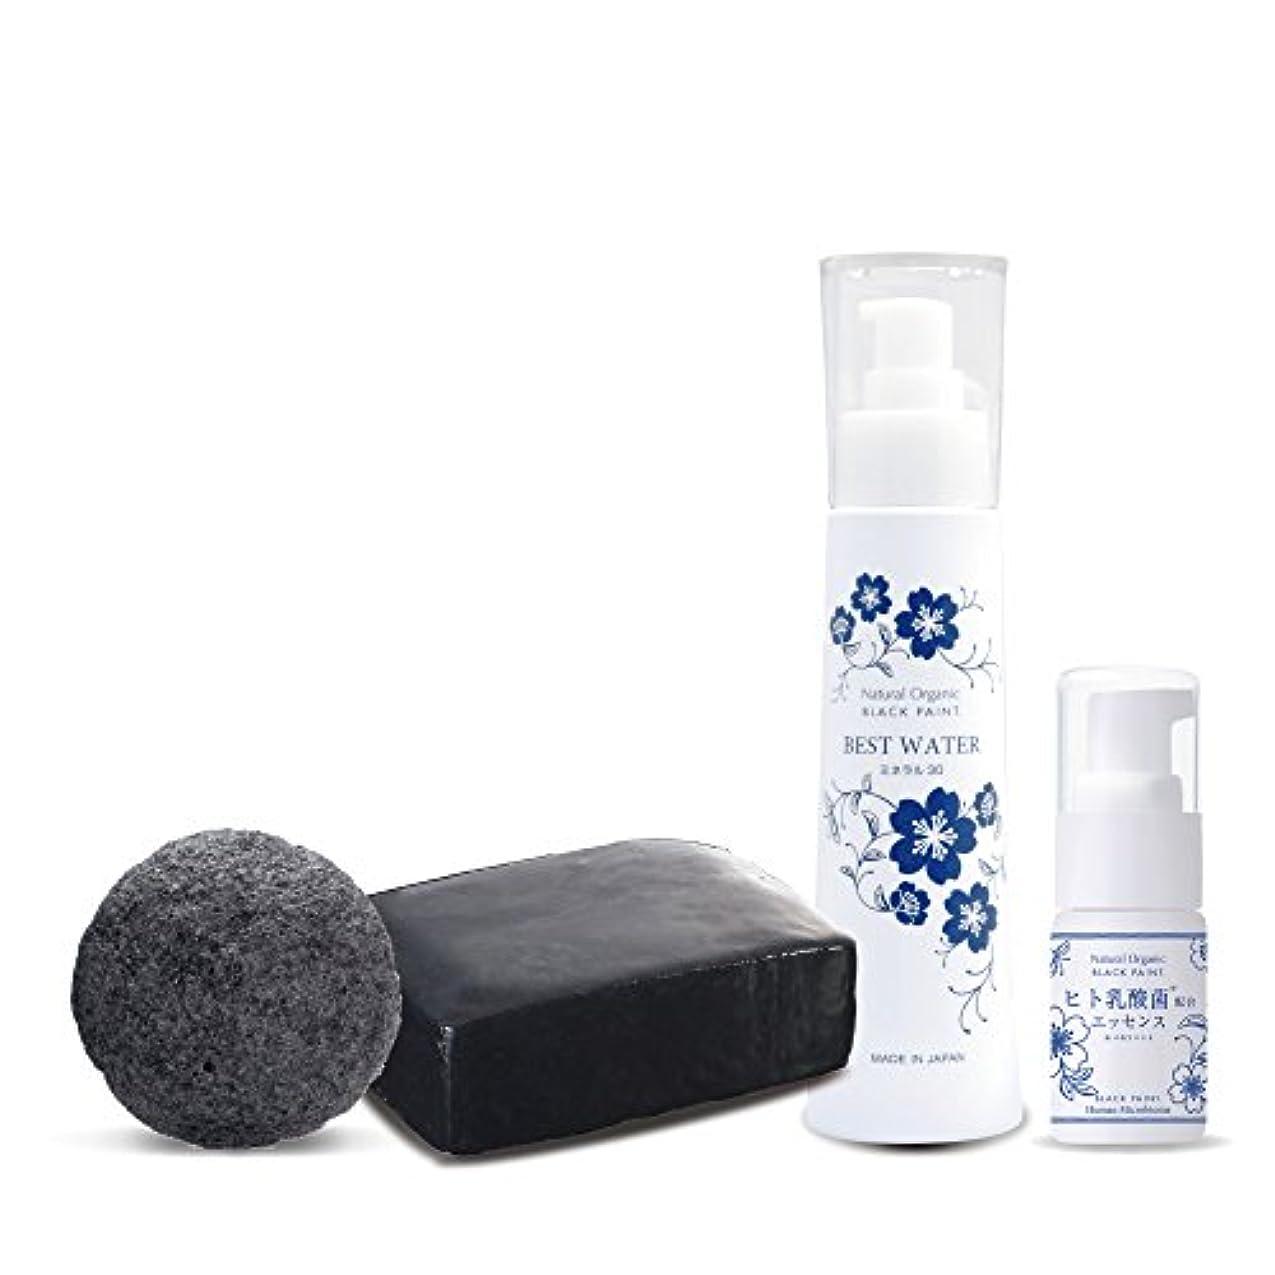 ヒト乳酸菌エッセンス10ml&ブラックペイント60g&ブラックスポンジミニ&ベストウォーター100ml 洗顔セット